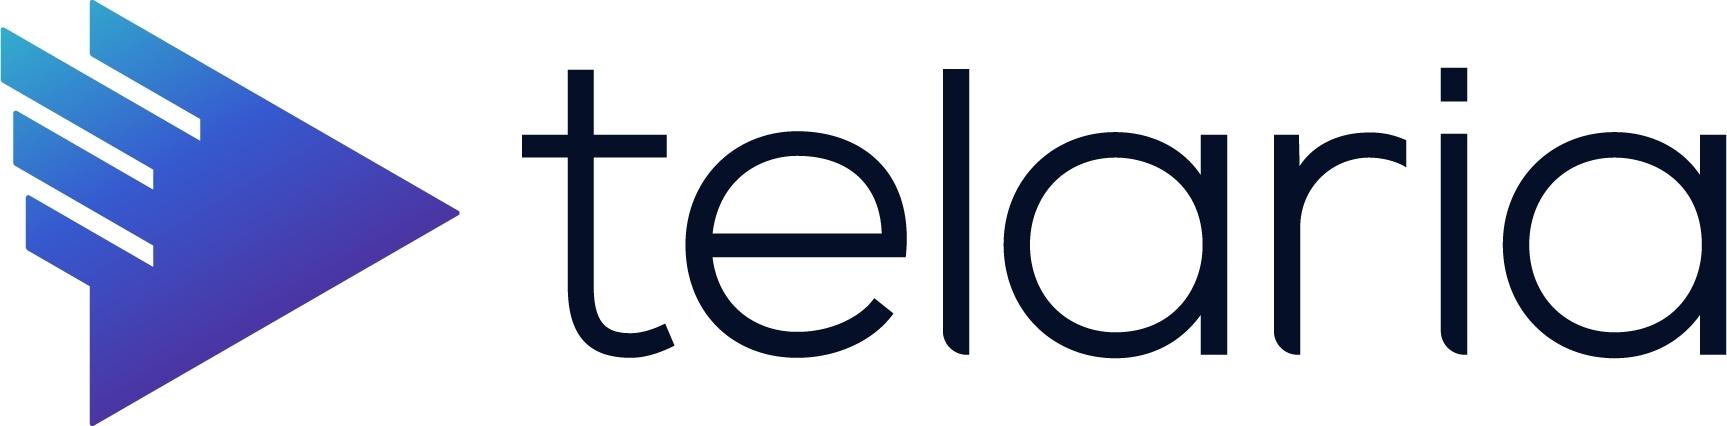 Telaria, Inc.